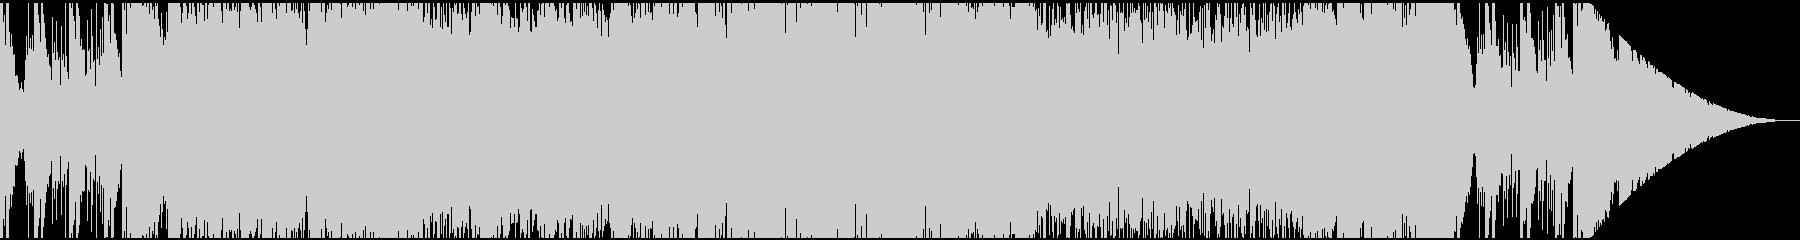 ネオクラシカルなRPGフィールドバトル曲の未再生の波形